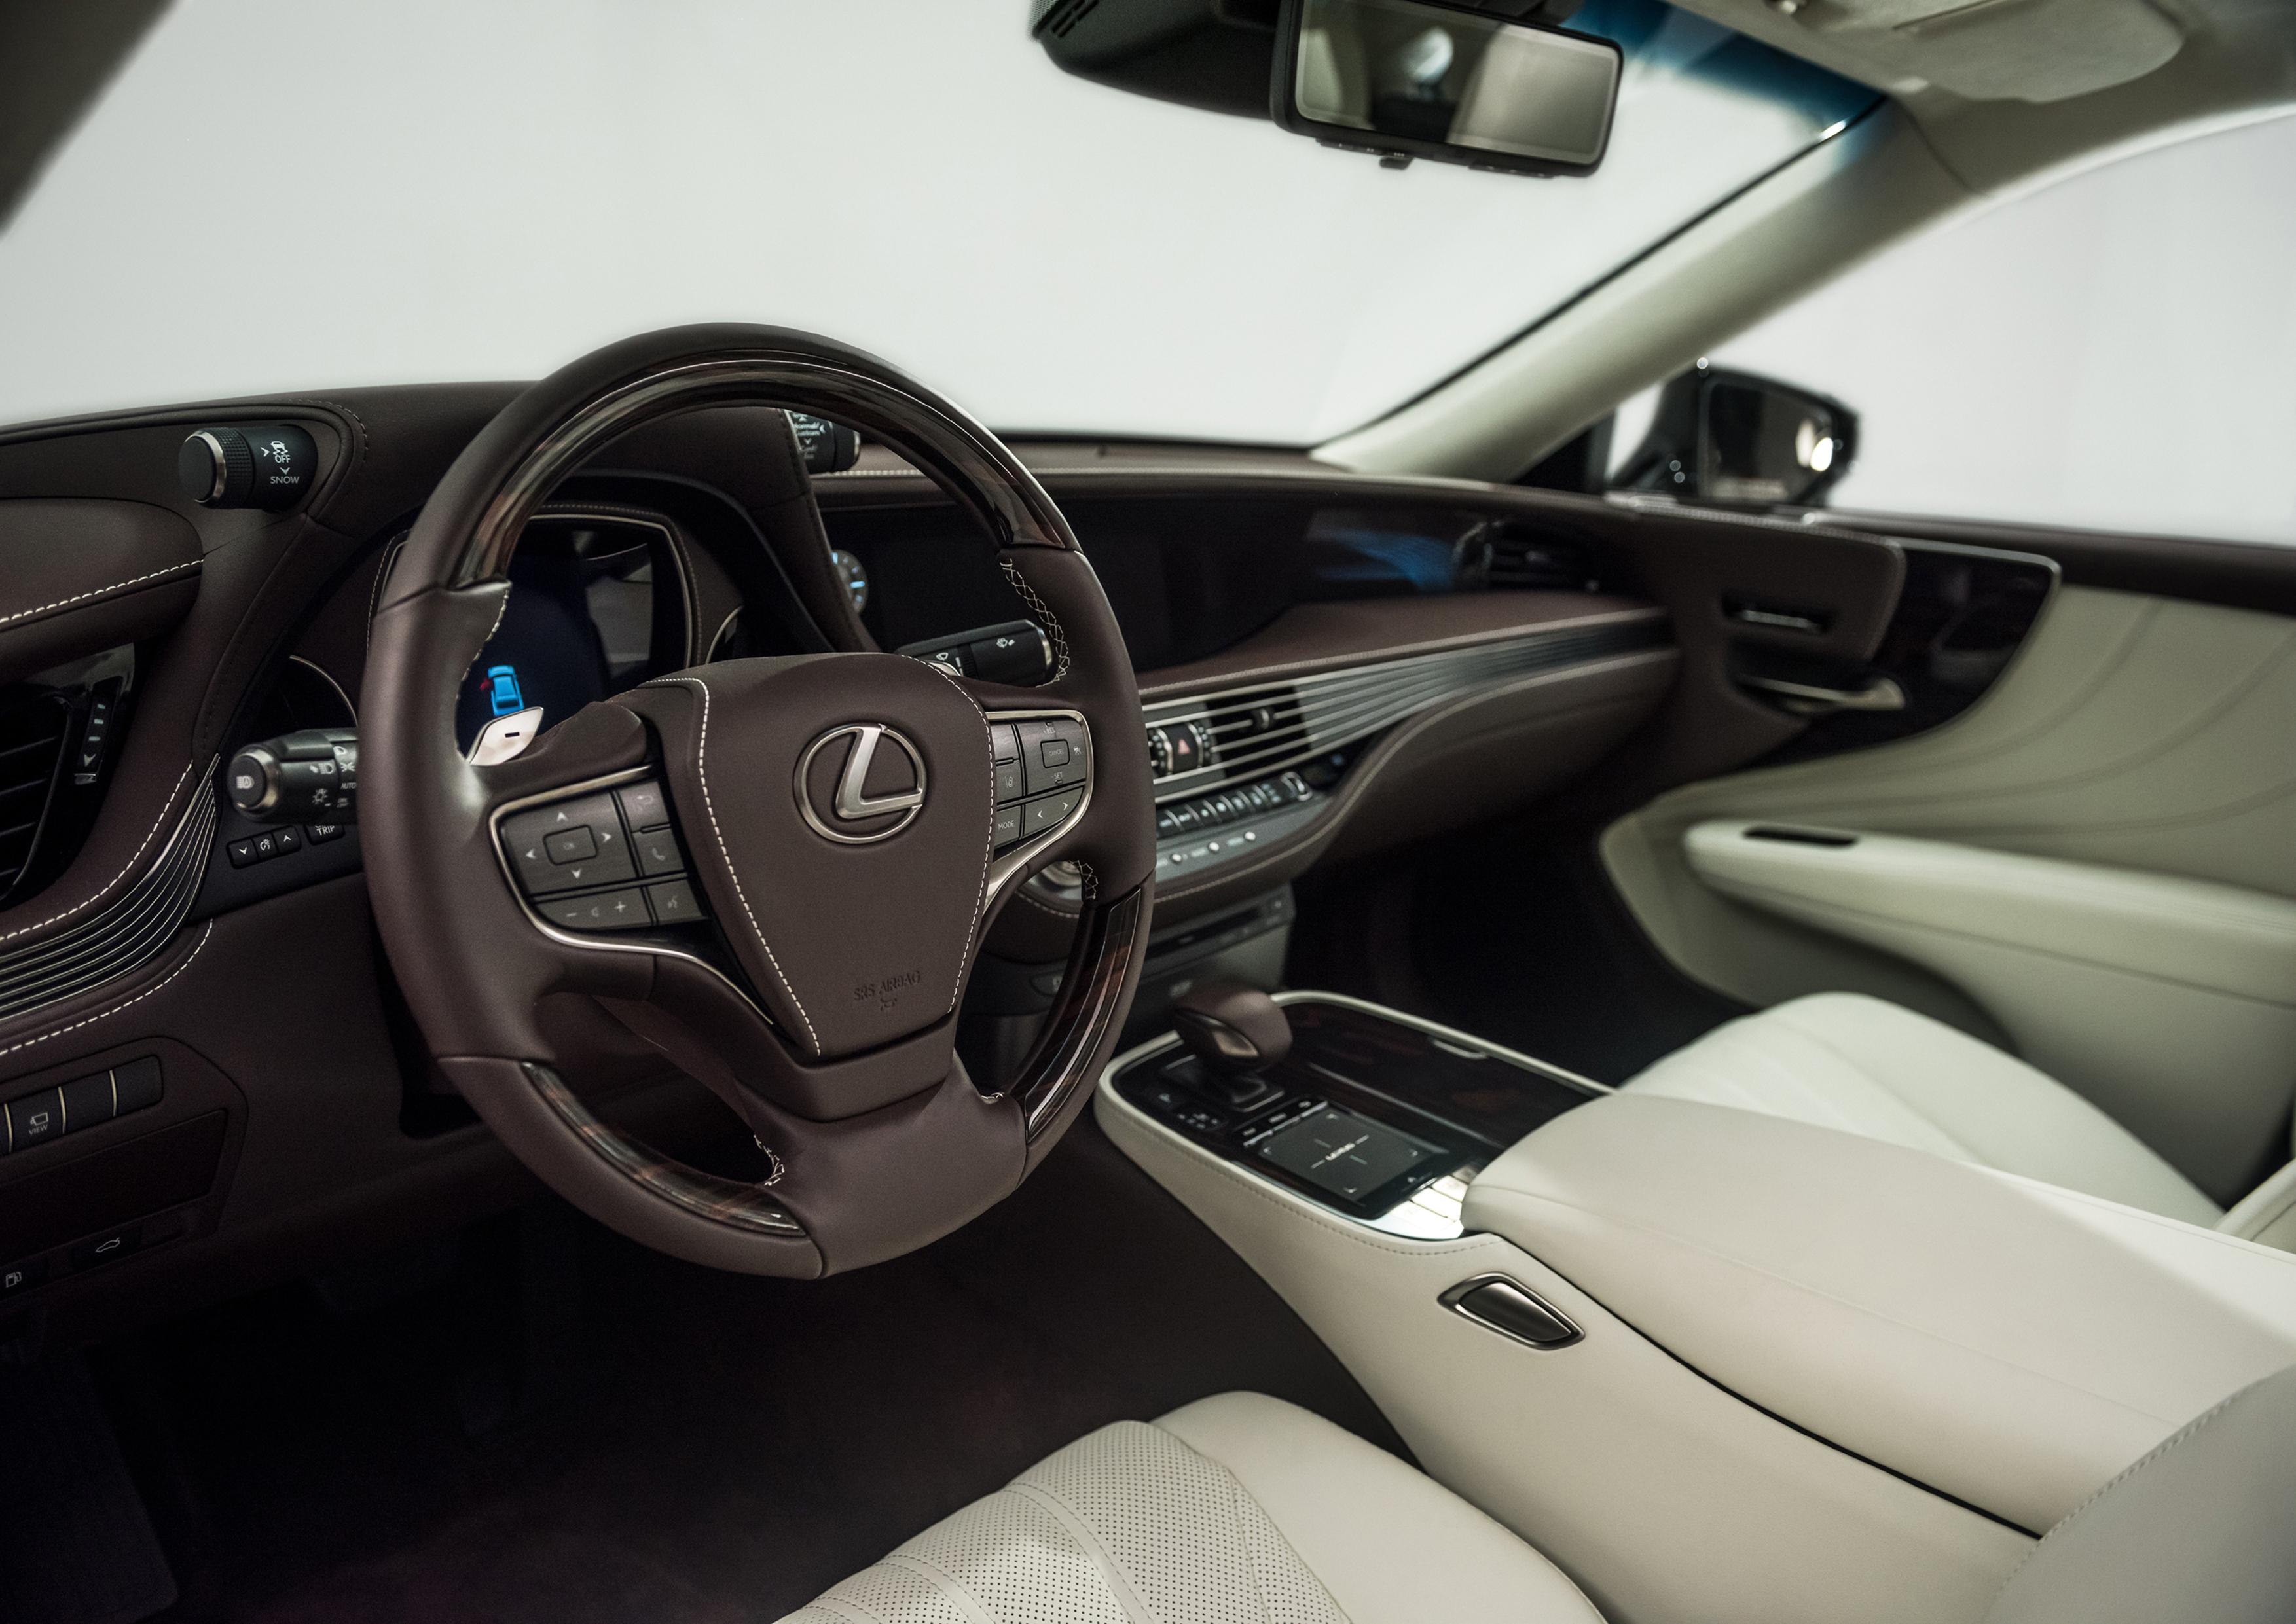 870 Koleksi Gambar Mobil Sedan Lexus Gratis Terbaik